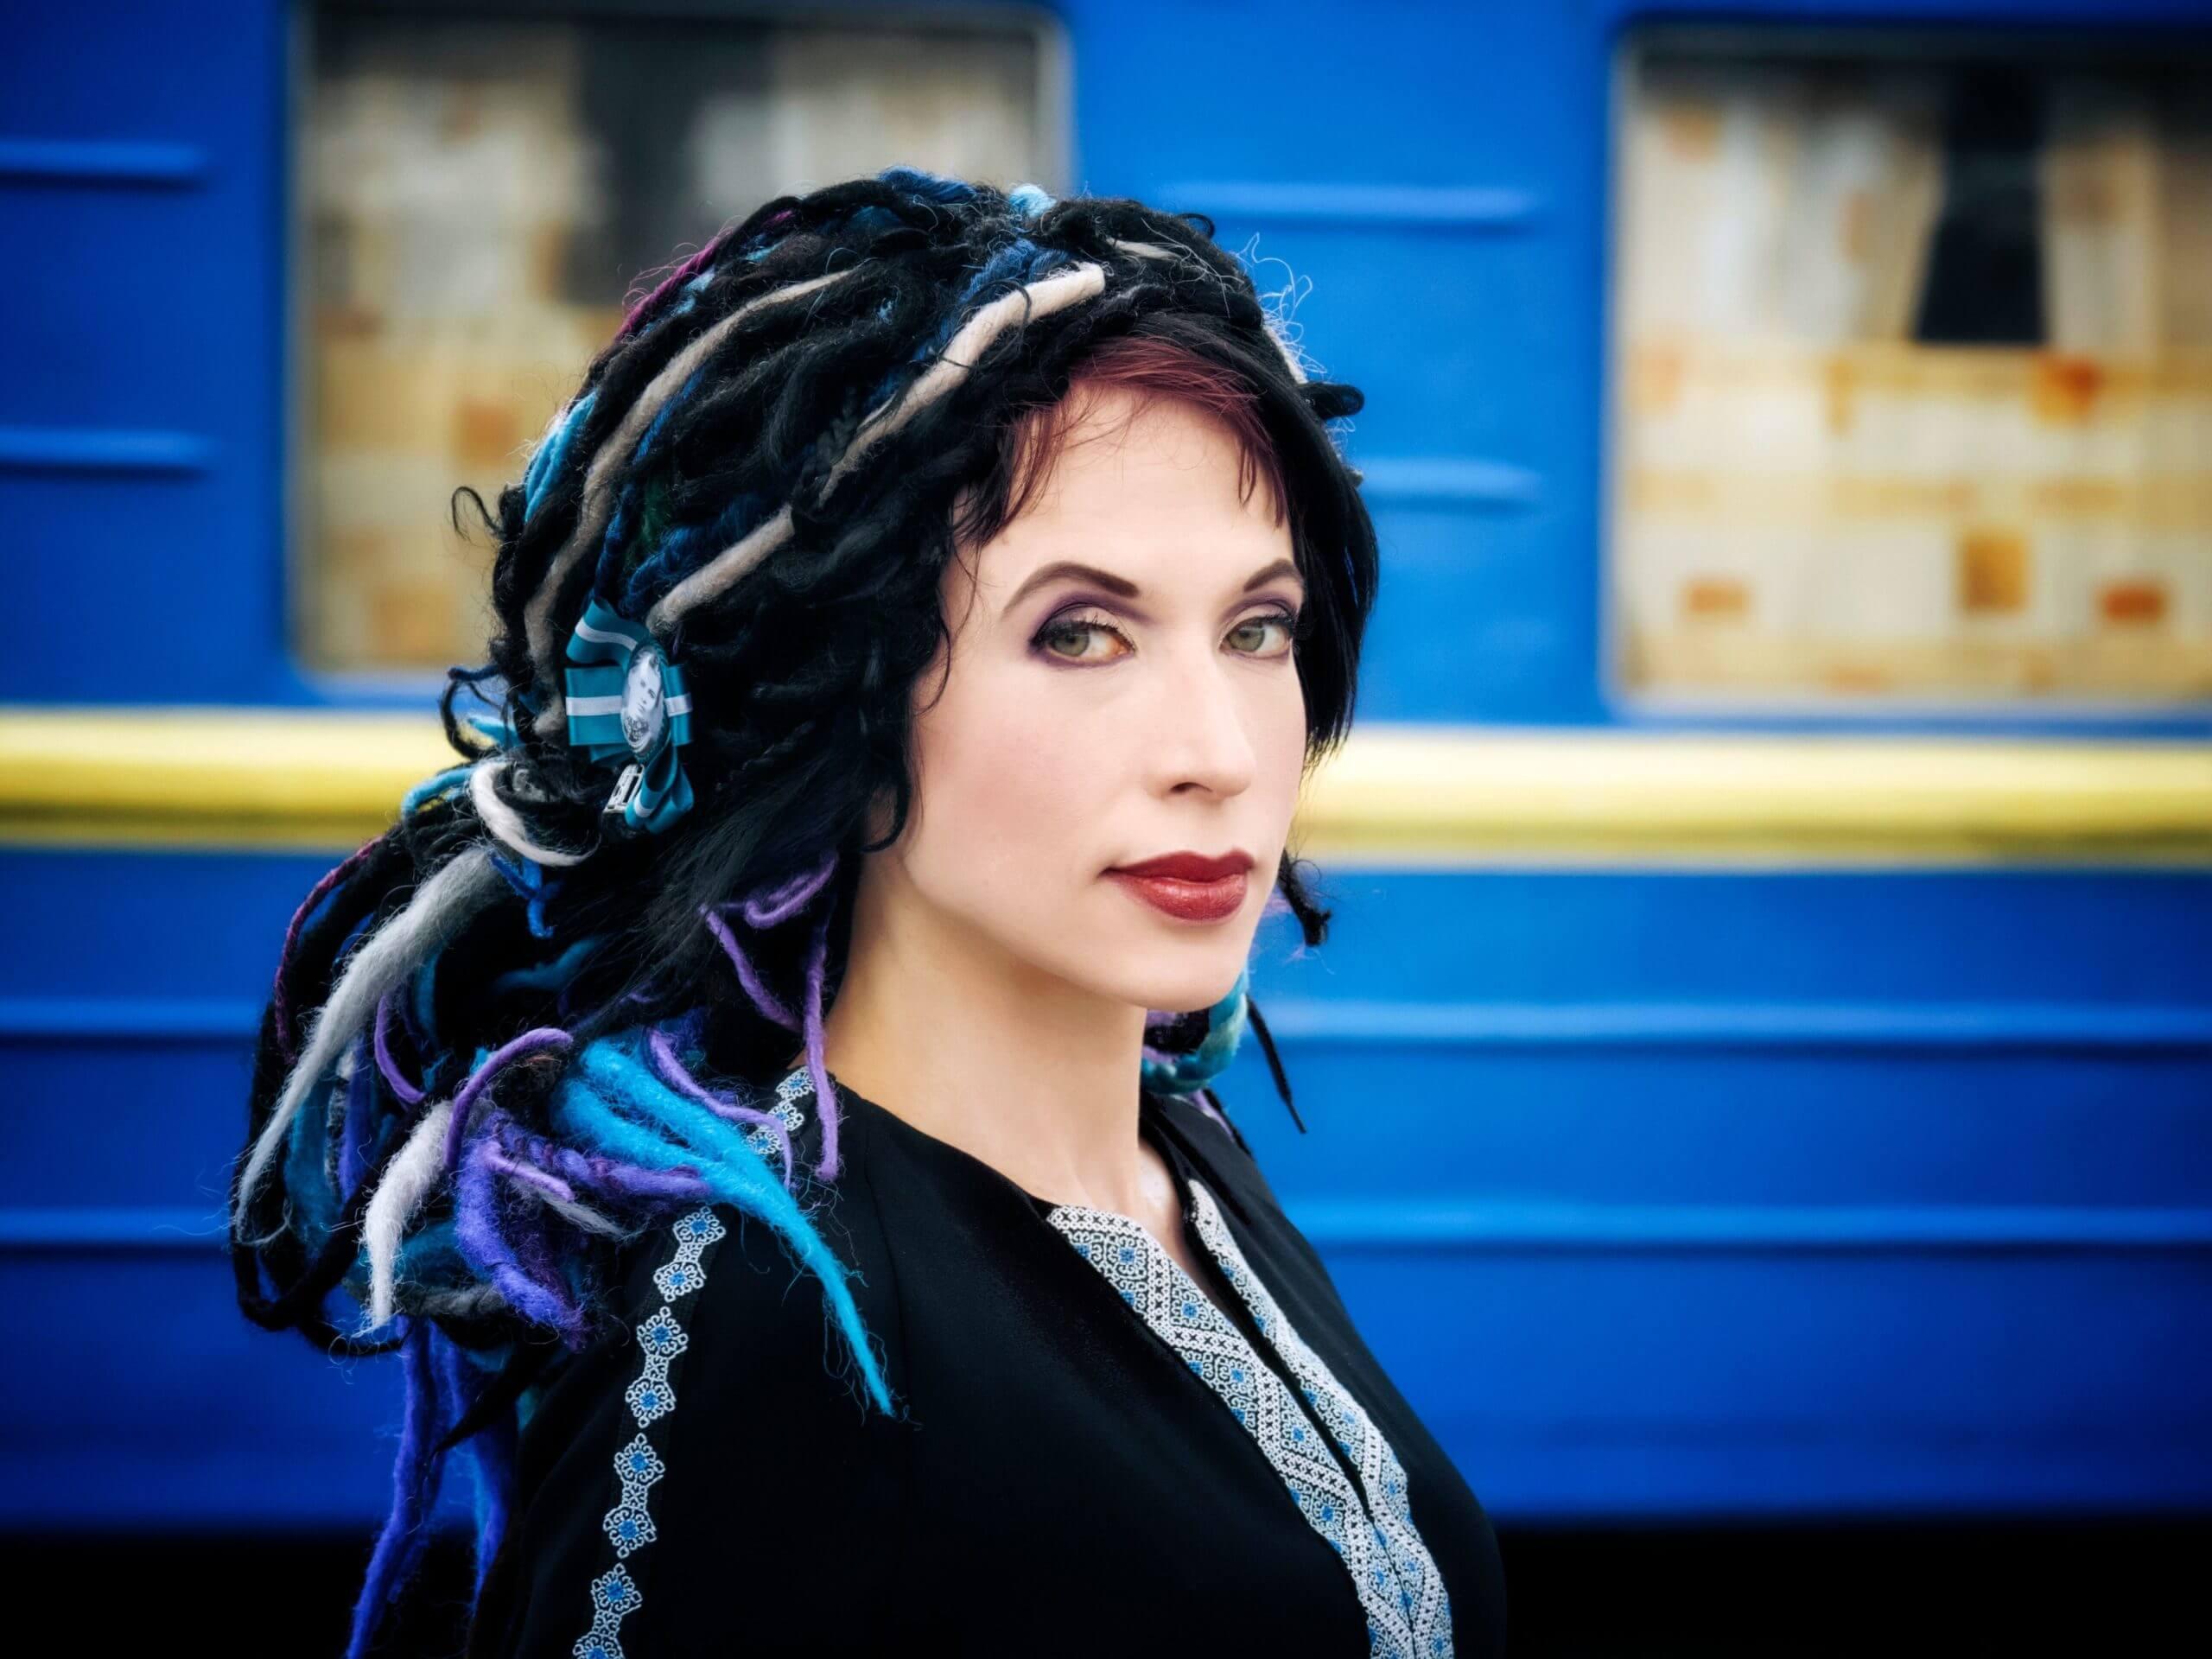 Den finsk-estiske forfatteren Sofi Oksanen har skrevet librettoen til Saariahos nye opera. Foto: Toni Härkönen